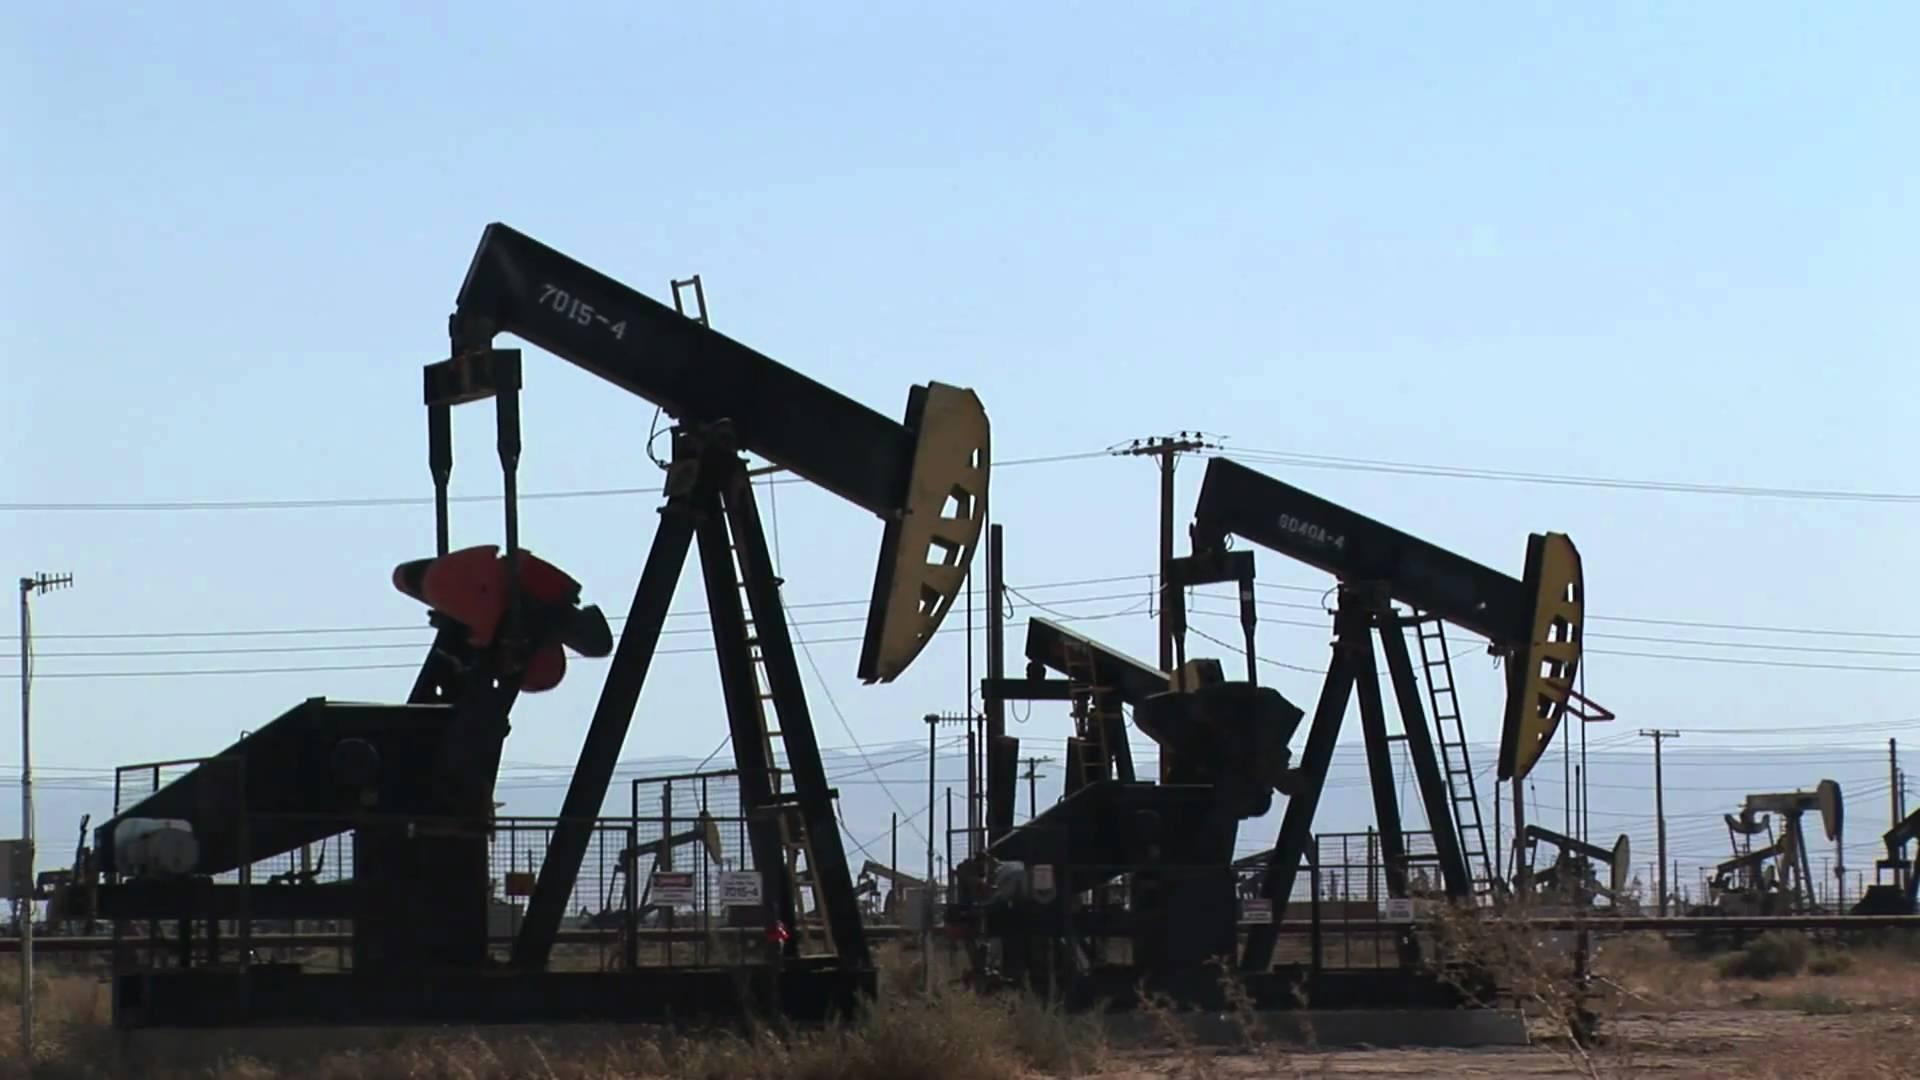 Giá dầu tăng, dao động quanh 40 USD/thùng do xuất hiện hoài nghi về OPEC+